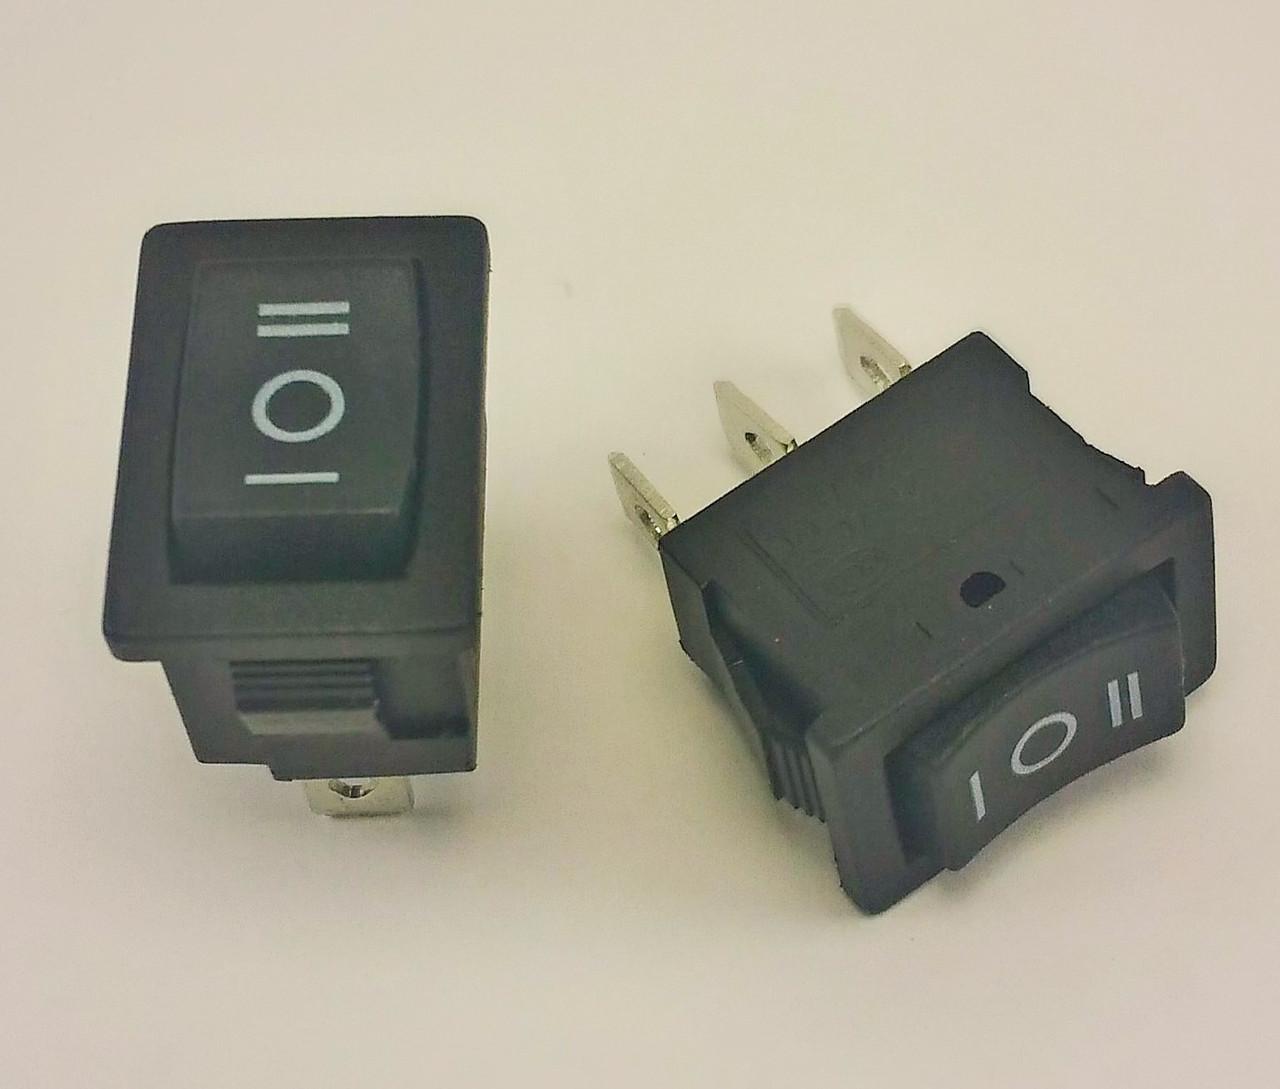 Переключатель, кнопка, выключатель, тумблер 3 положения 3 контакта. 15*10 мм. черная. 1 шт